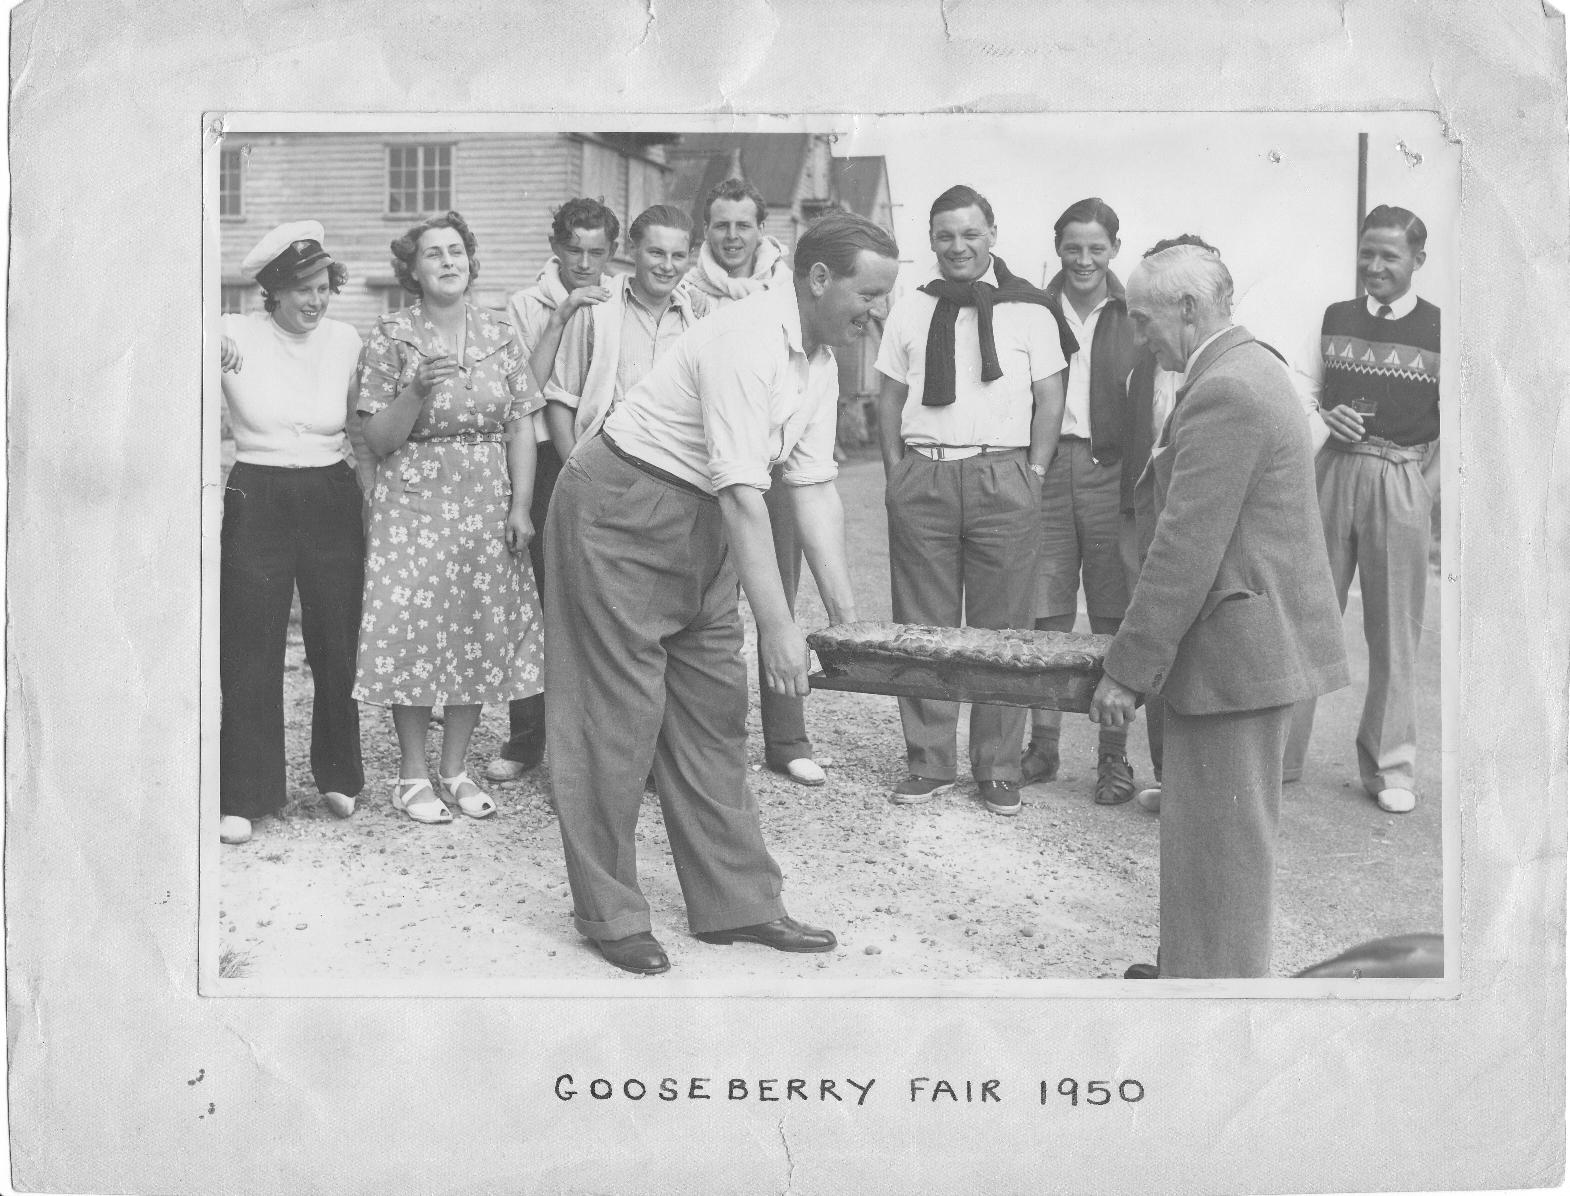 1950_gooseberry_002